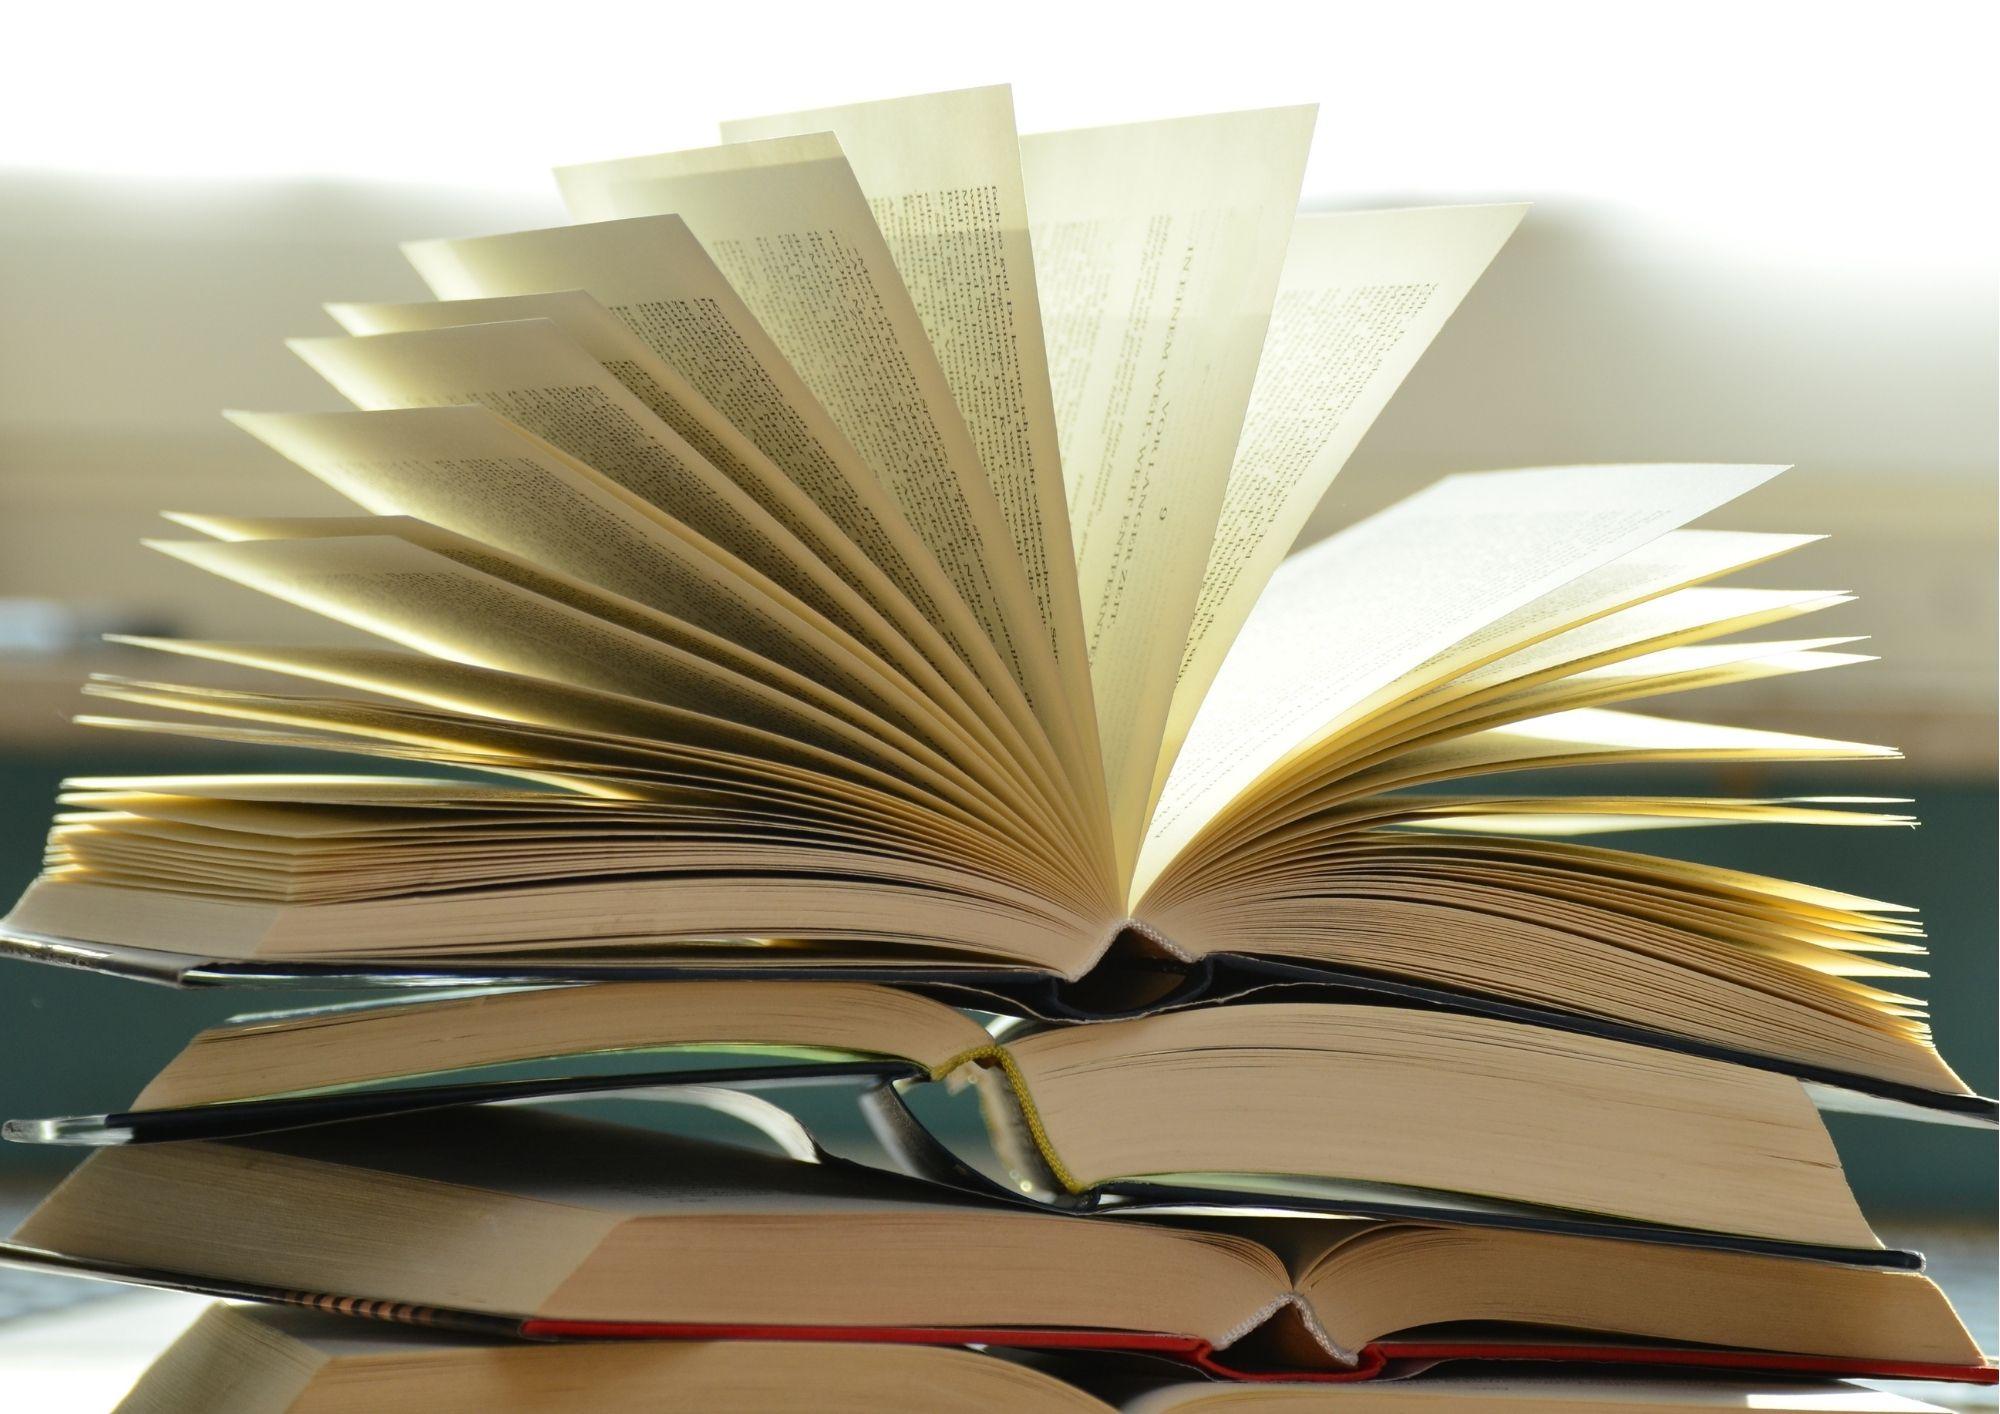 10 autoras que você deveria ler